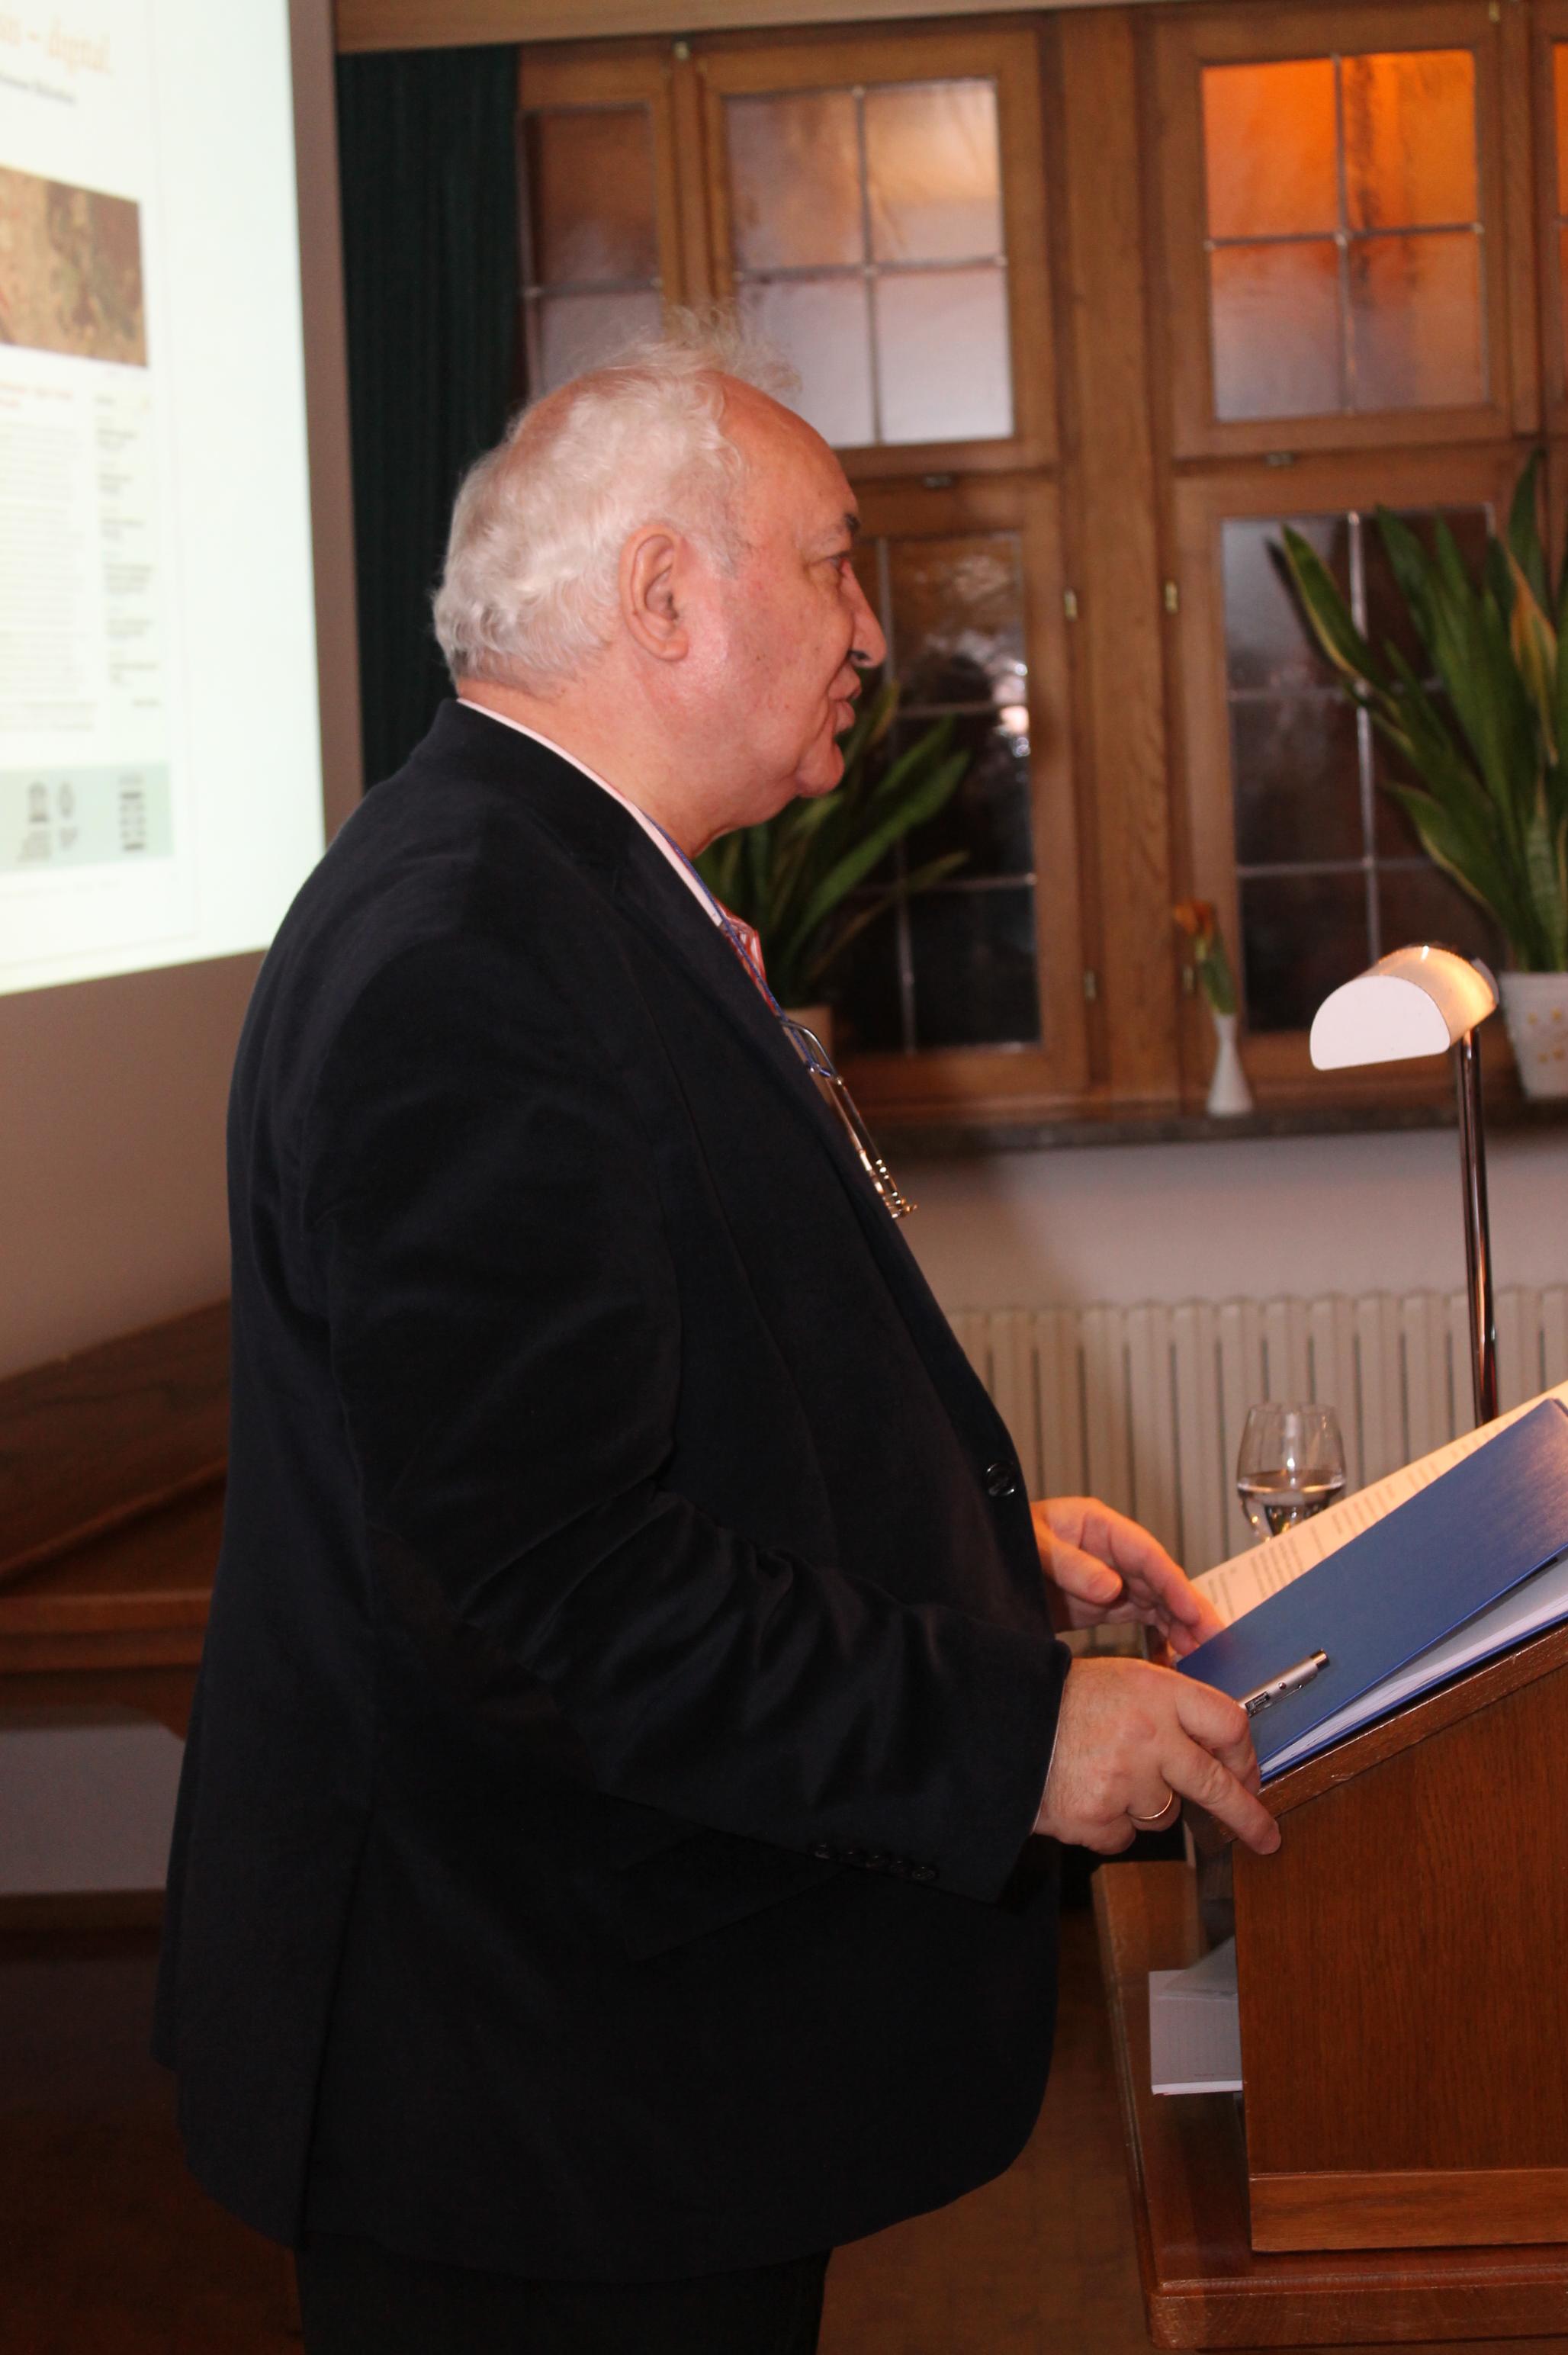 VAR - Vortrag Kloster Lorsch - 02_2016_JoE_028